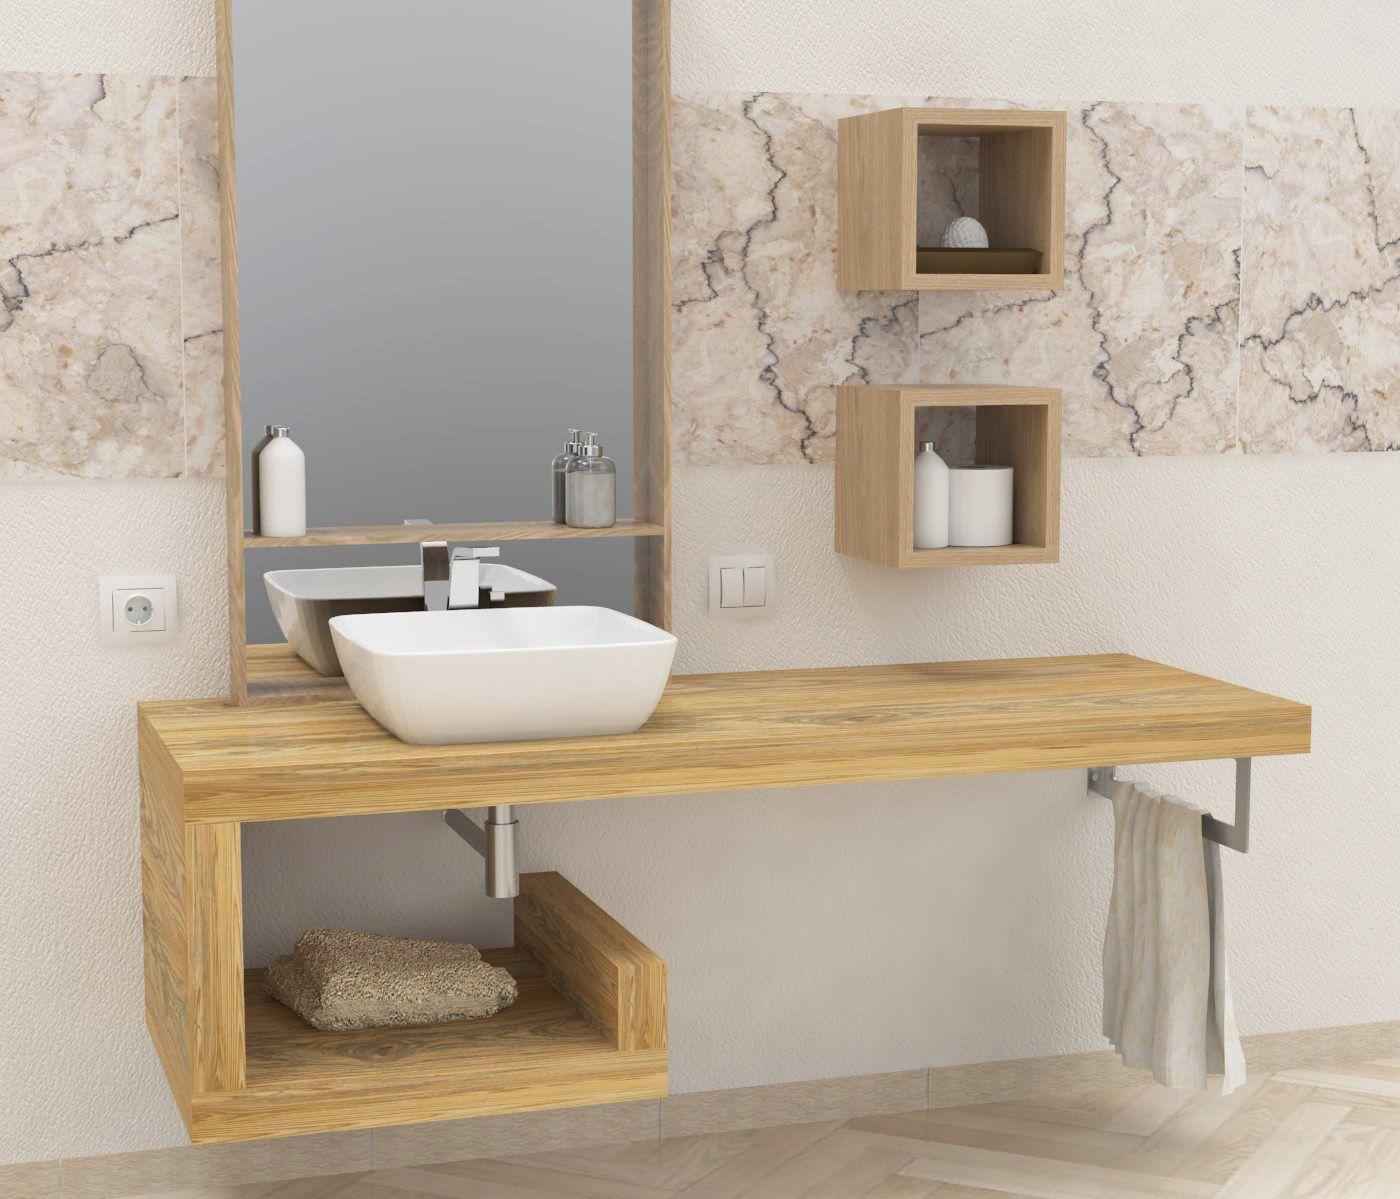 Mensole per bagno mensole lavabo in legno massello su misura profondit da 40 a 60 cm - Legno per bagno ...